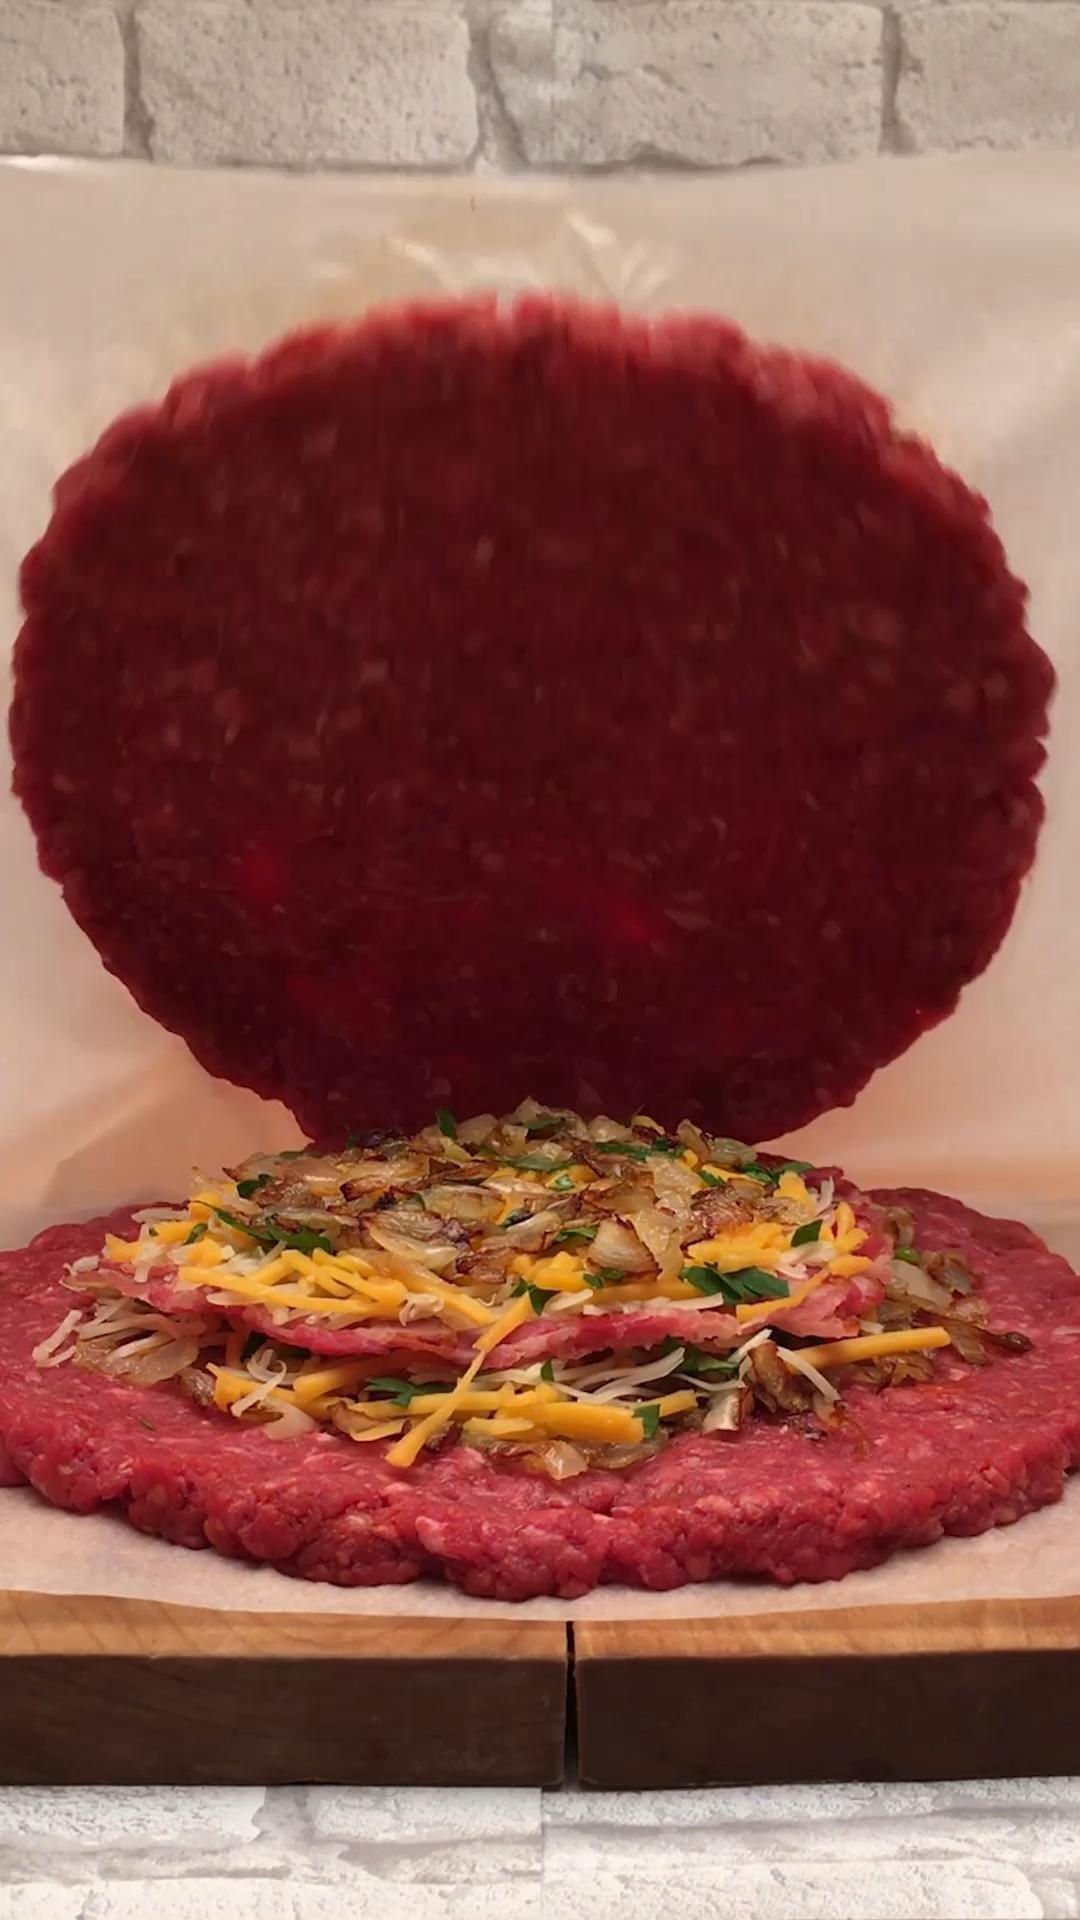 Un steak haché XXL et fourré dans lequel on retrouve de l'oignon, du cheddar et du baccon... Parfait pour vos burger ou vos apéros ! Et pour encore plus d'idées de recettes, rendez-vous sur notre site.